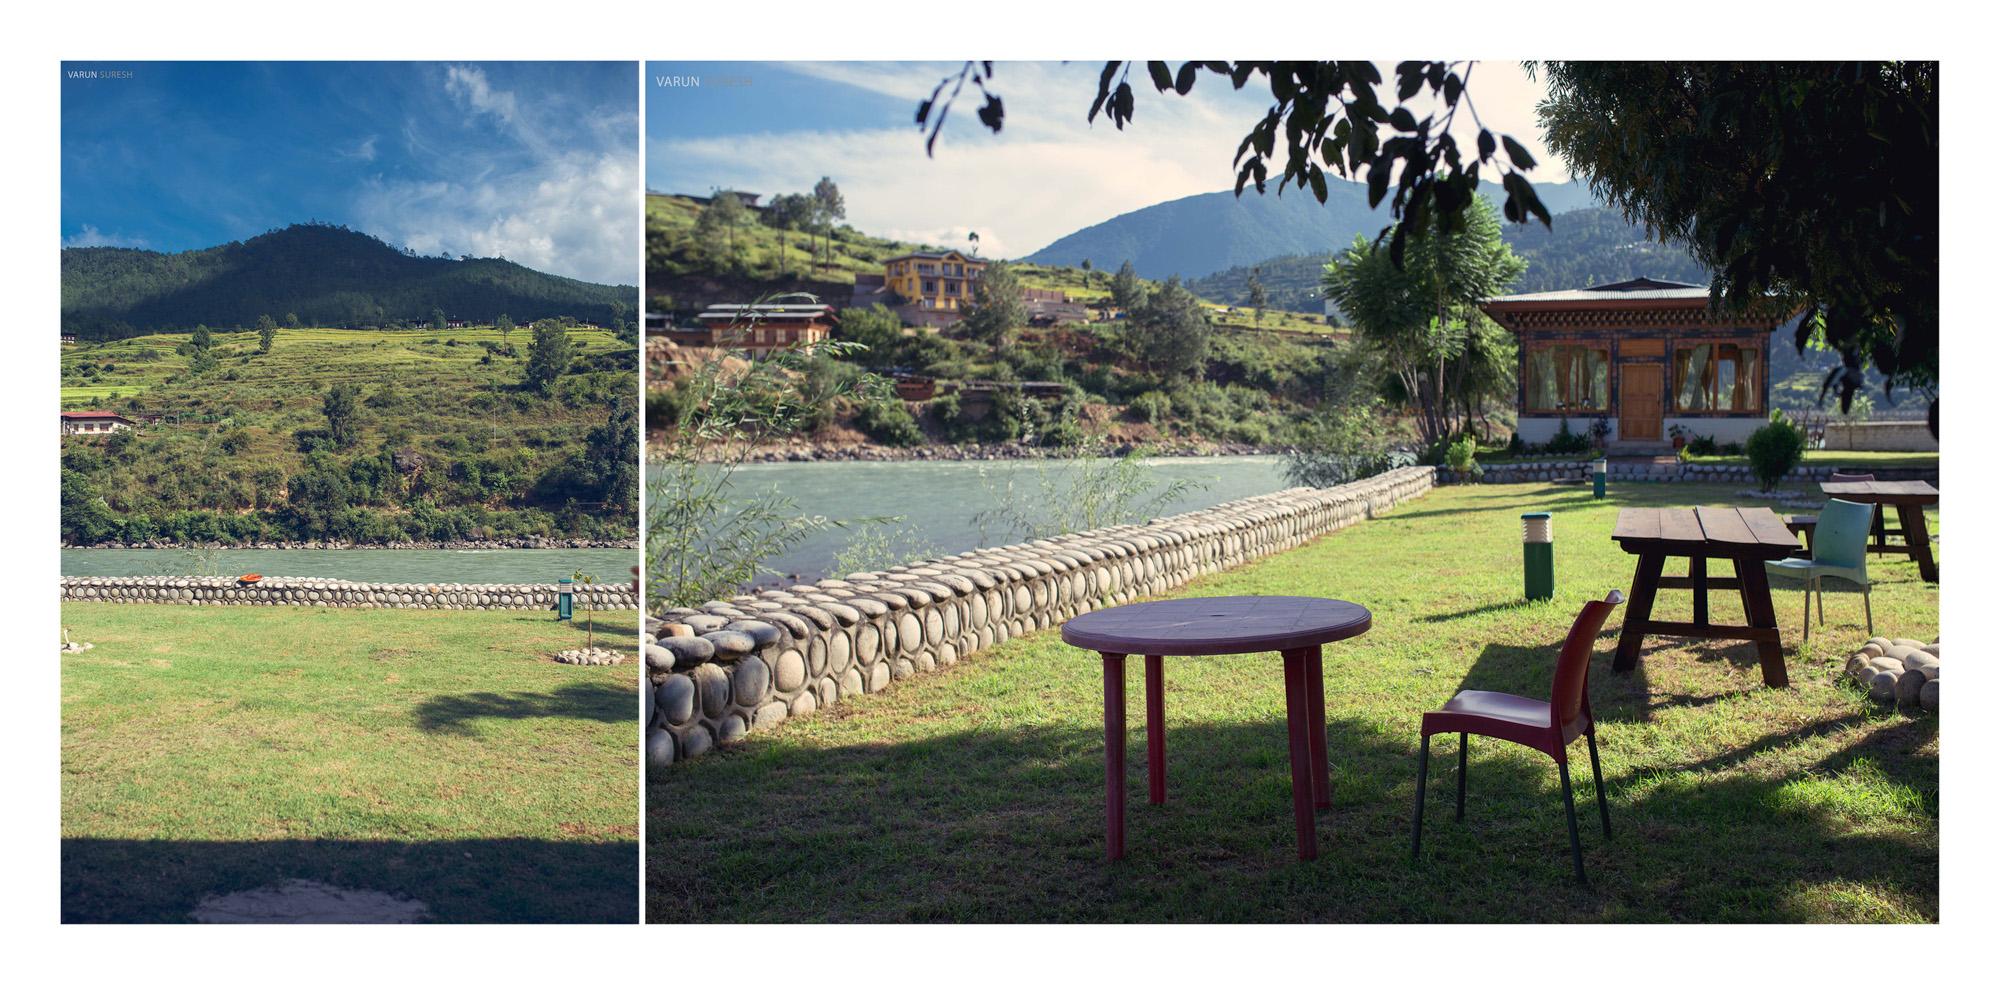 Bhutan_079 copy.jpg